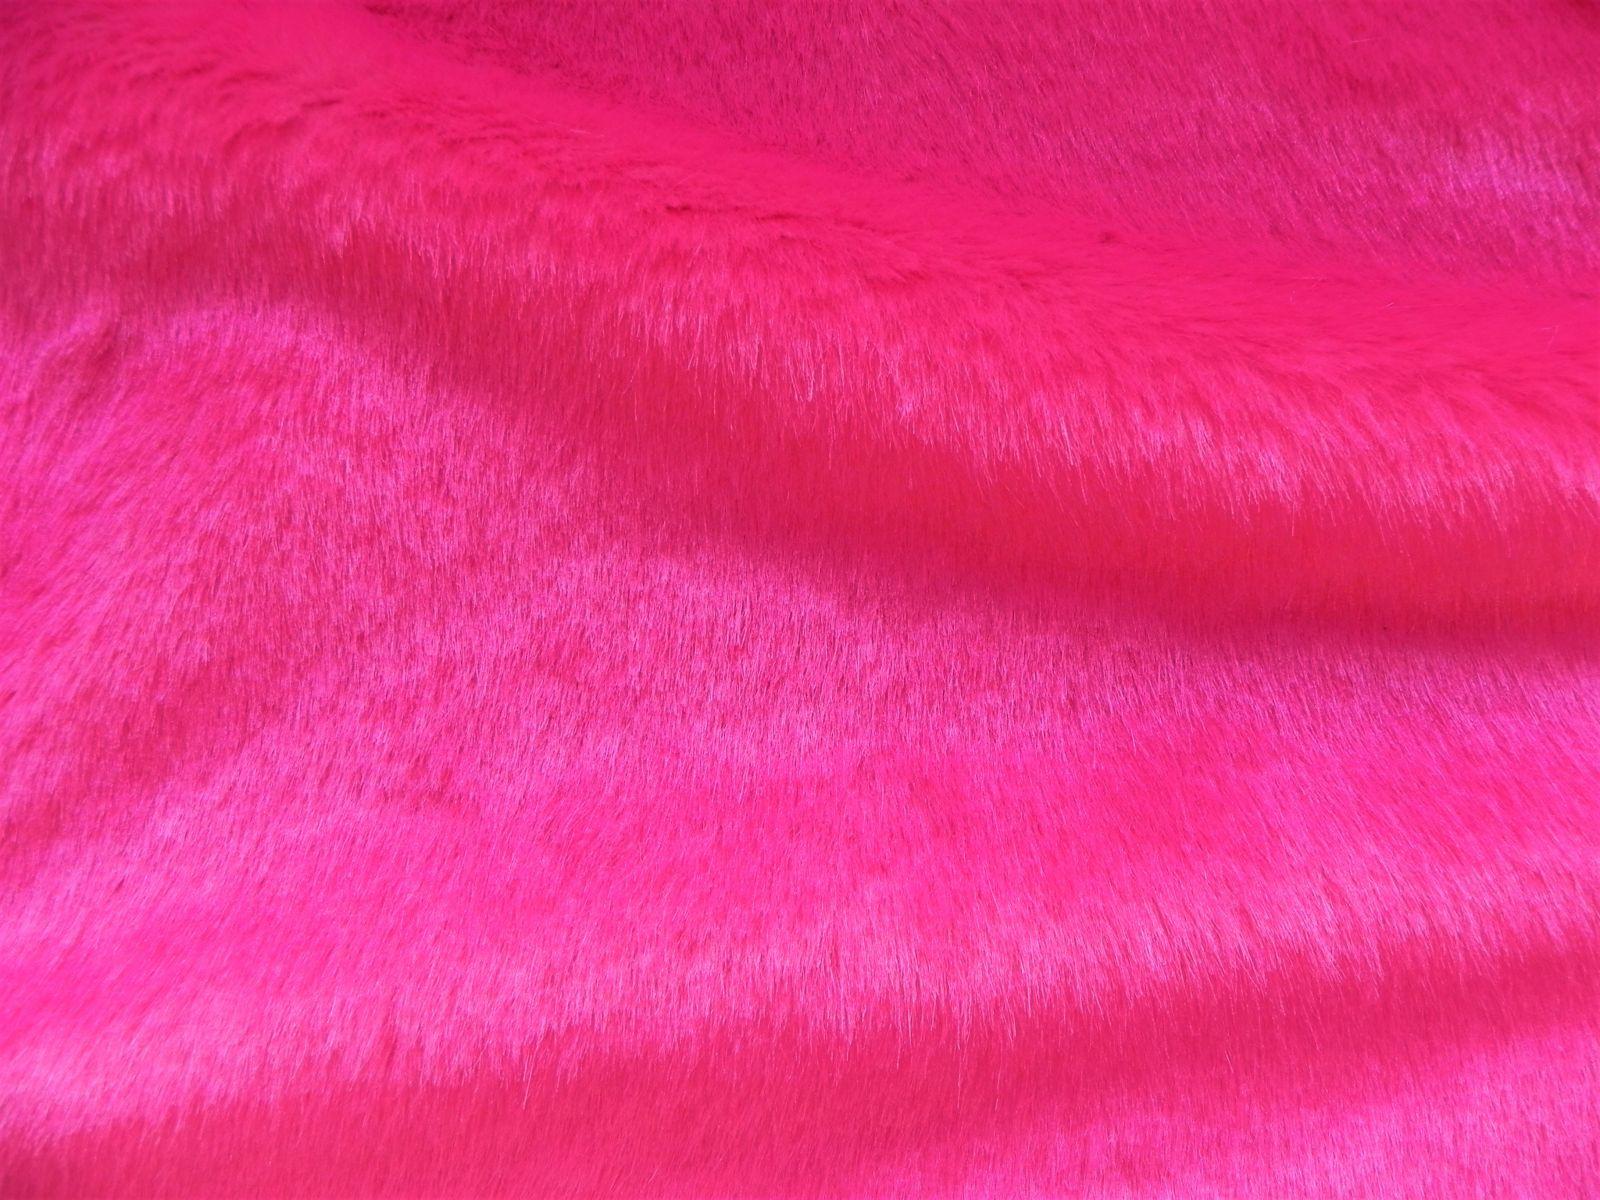 Umělá kožešina metráž, růžový norek, 18mm vlas, š. 147cm